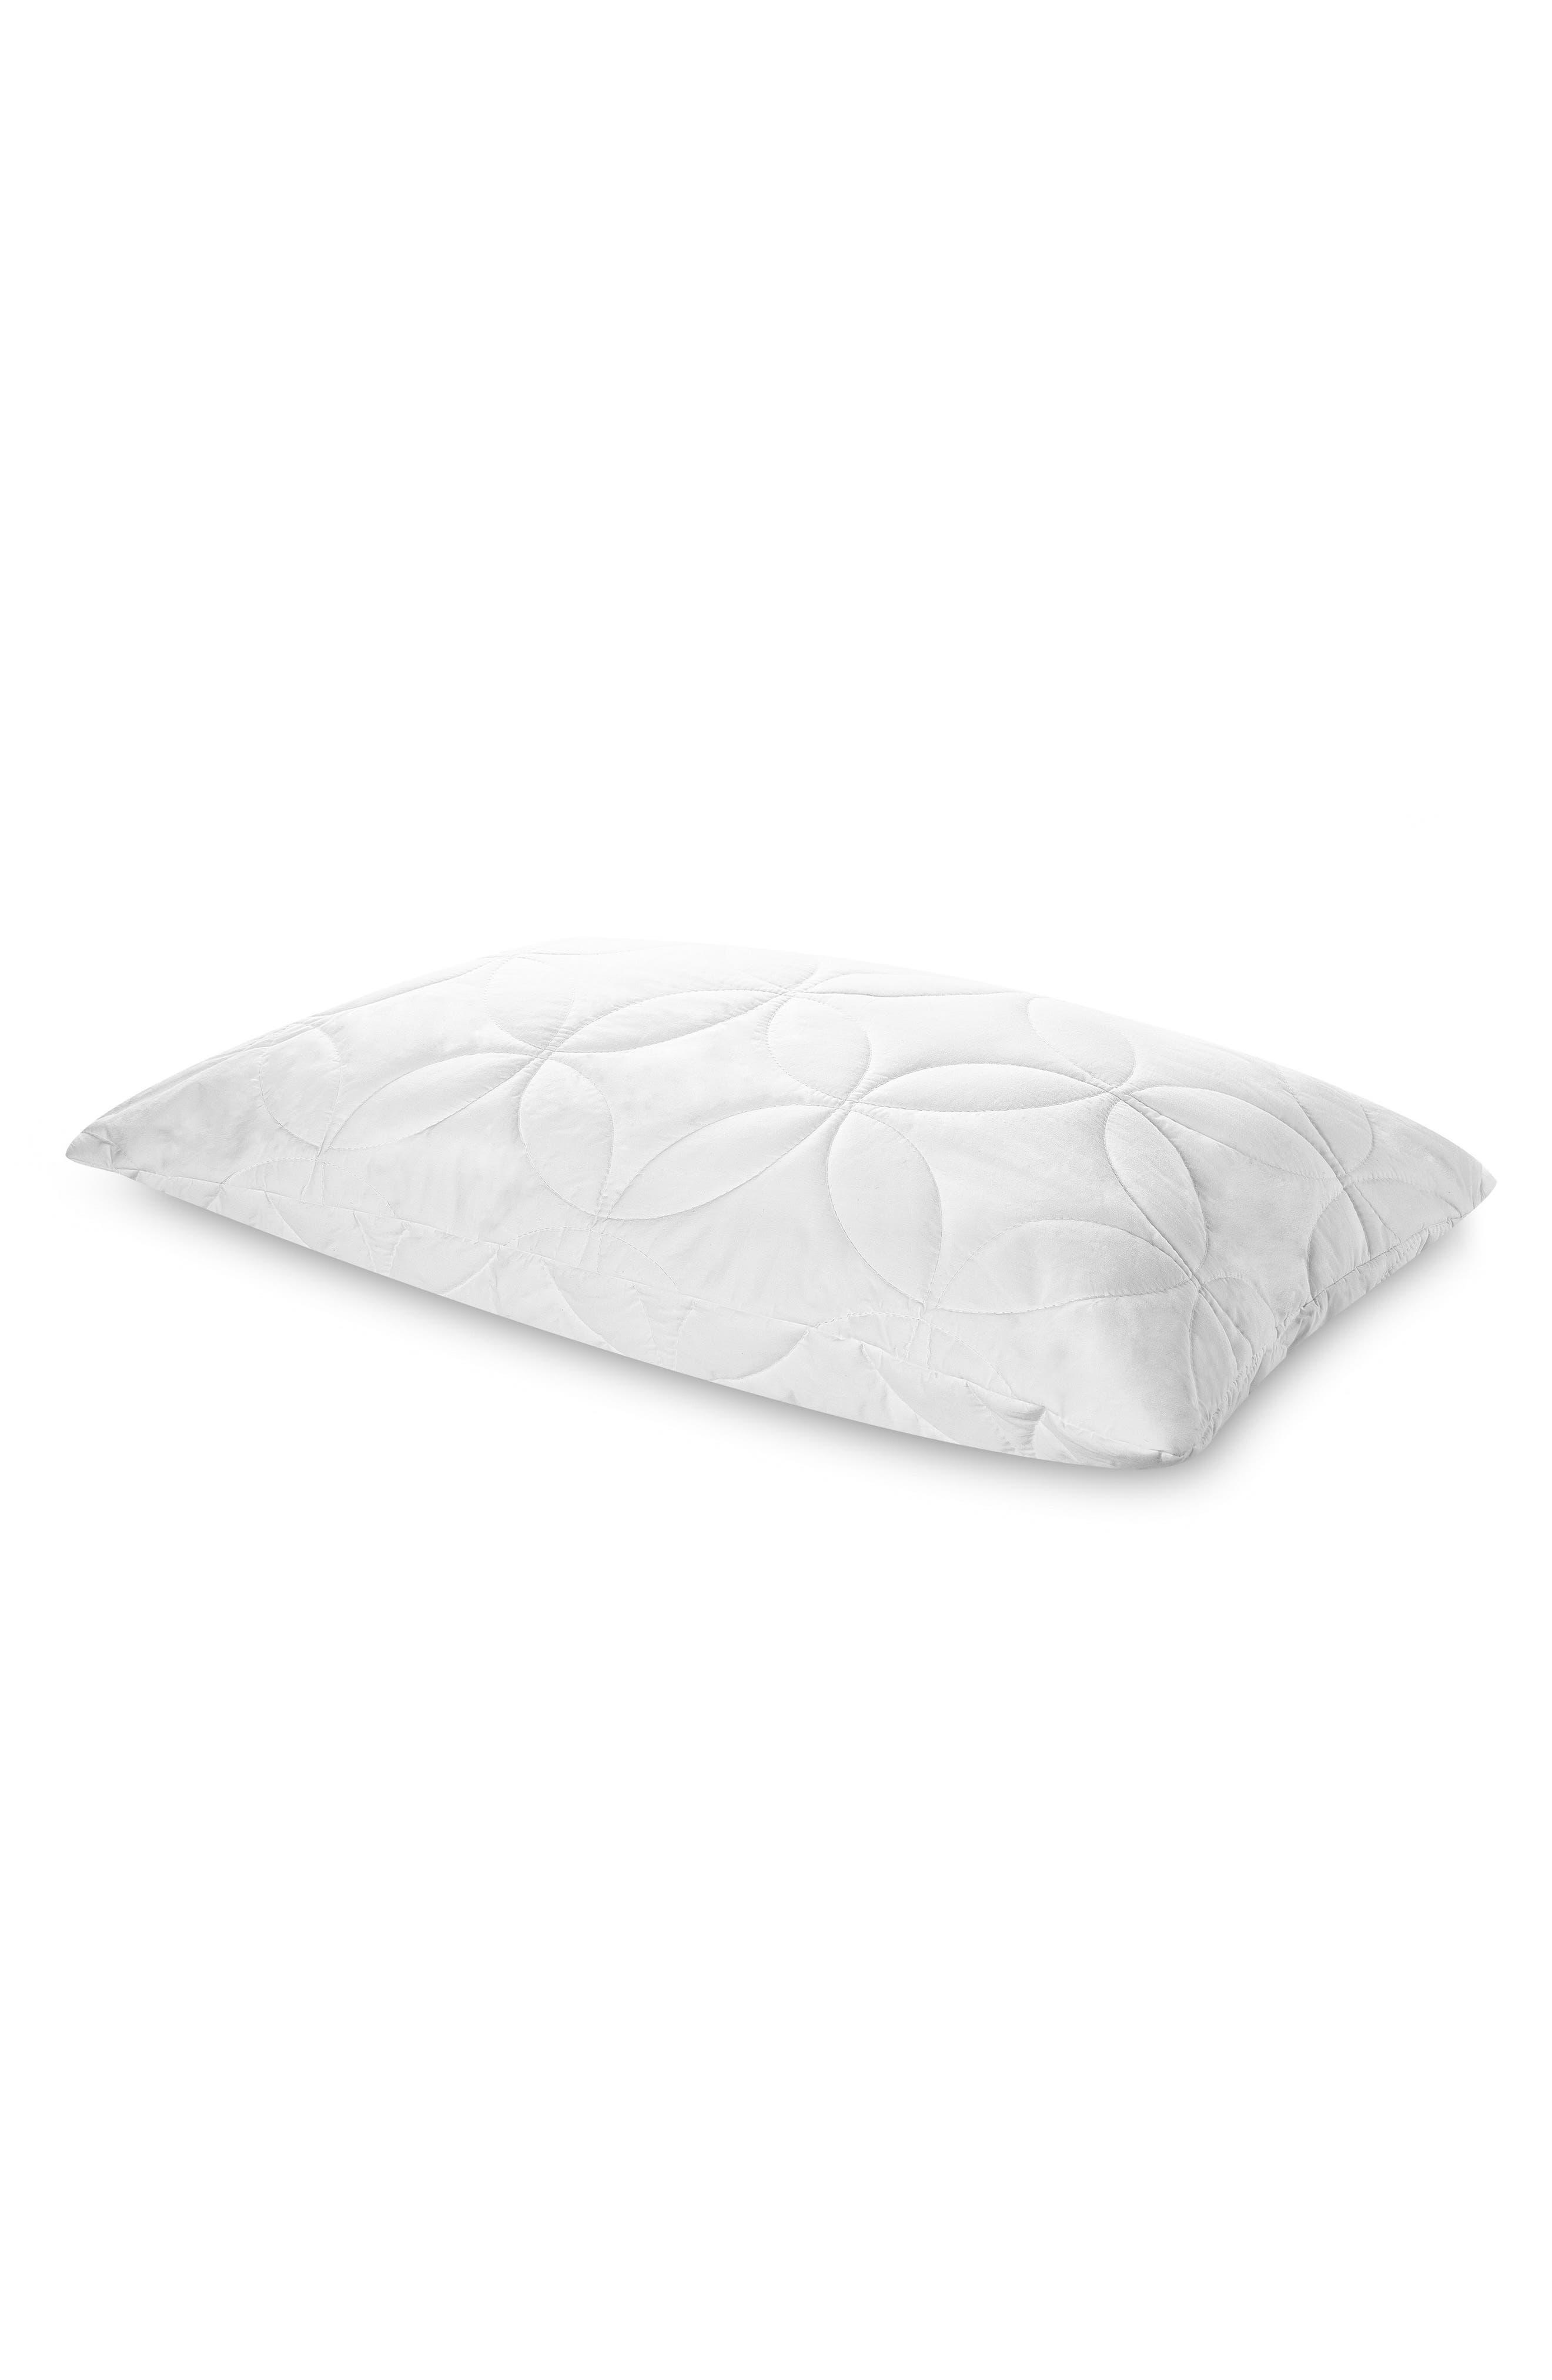 Tempur-Pedic TEMPUR-Cloud Soft & Lofty Pillow